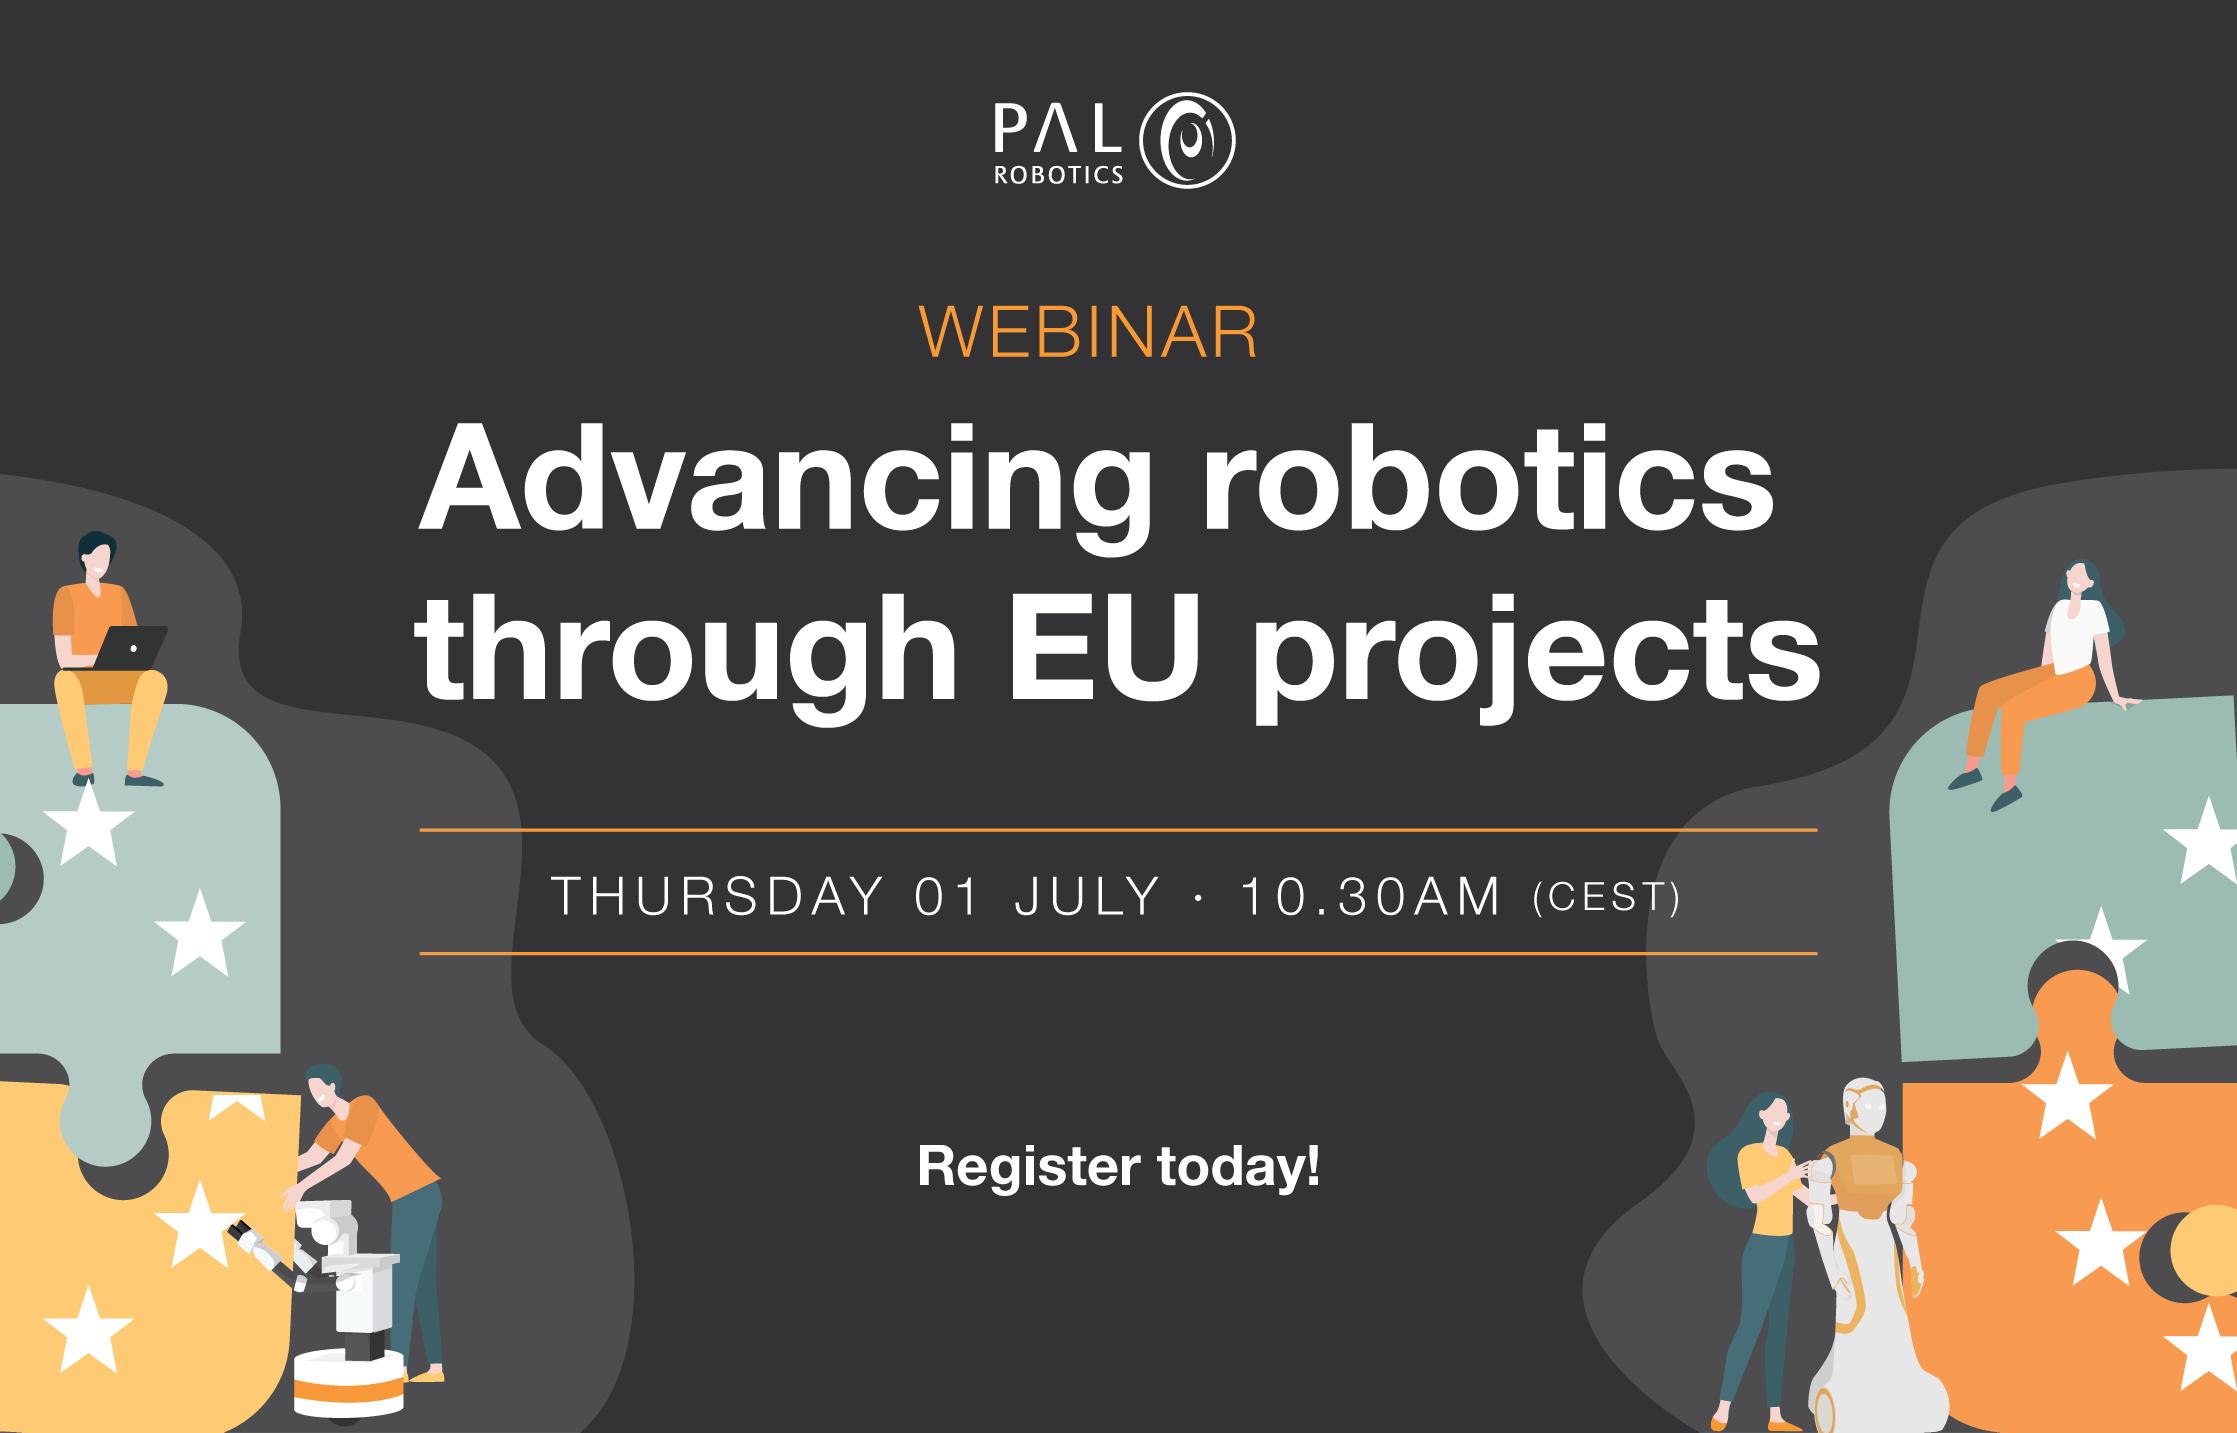 PAL Robotics webinar advancing robotics through eu projects